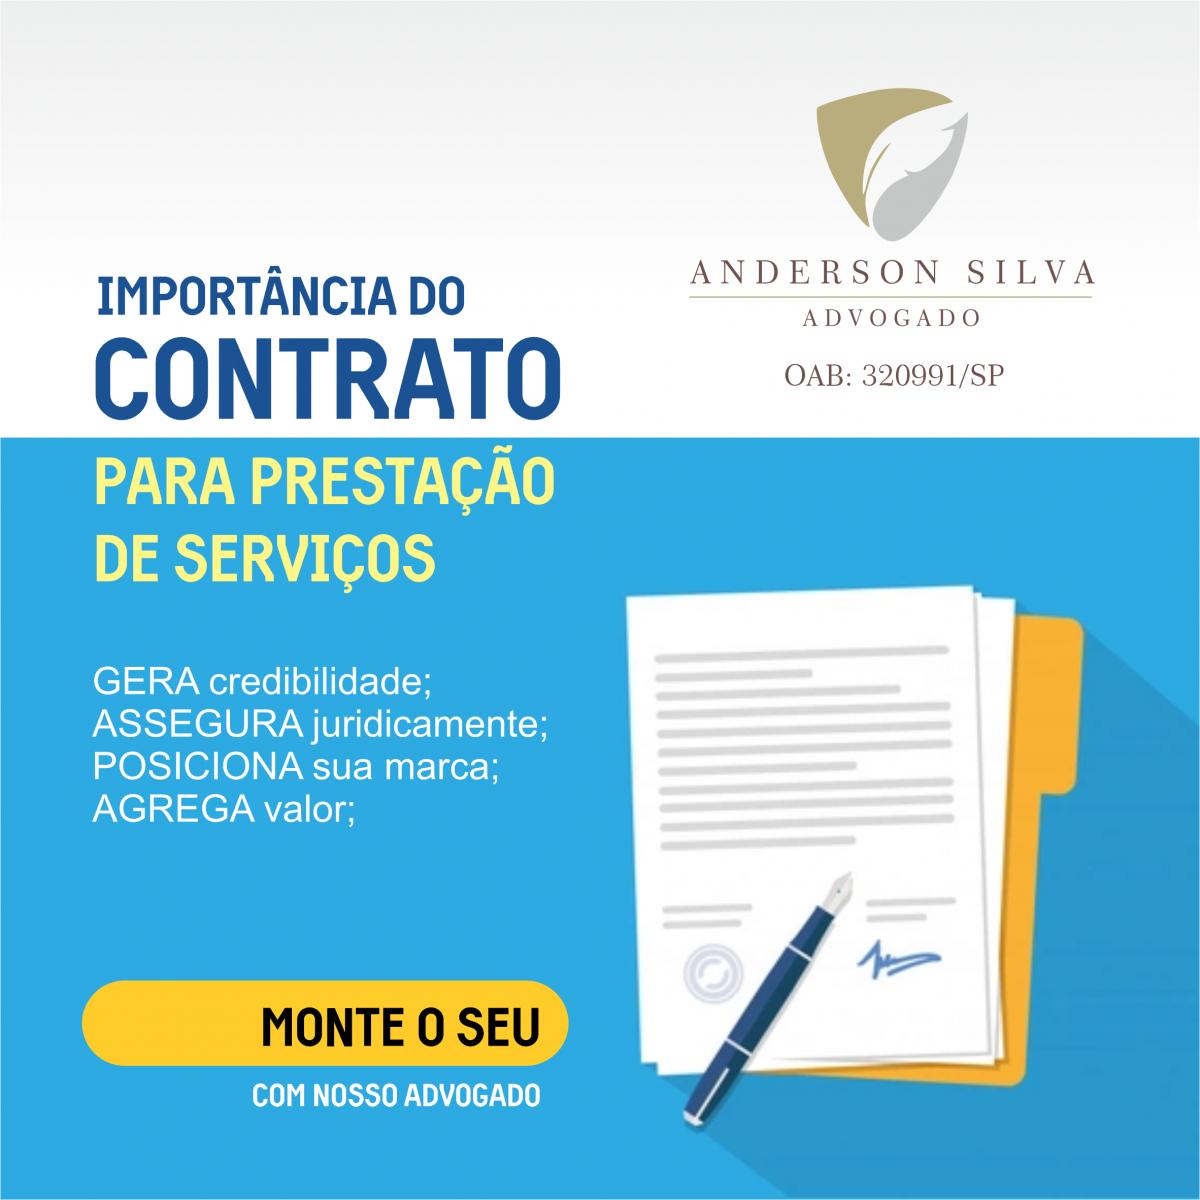 Importância do Contrato para Prestação de Serviços